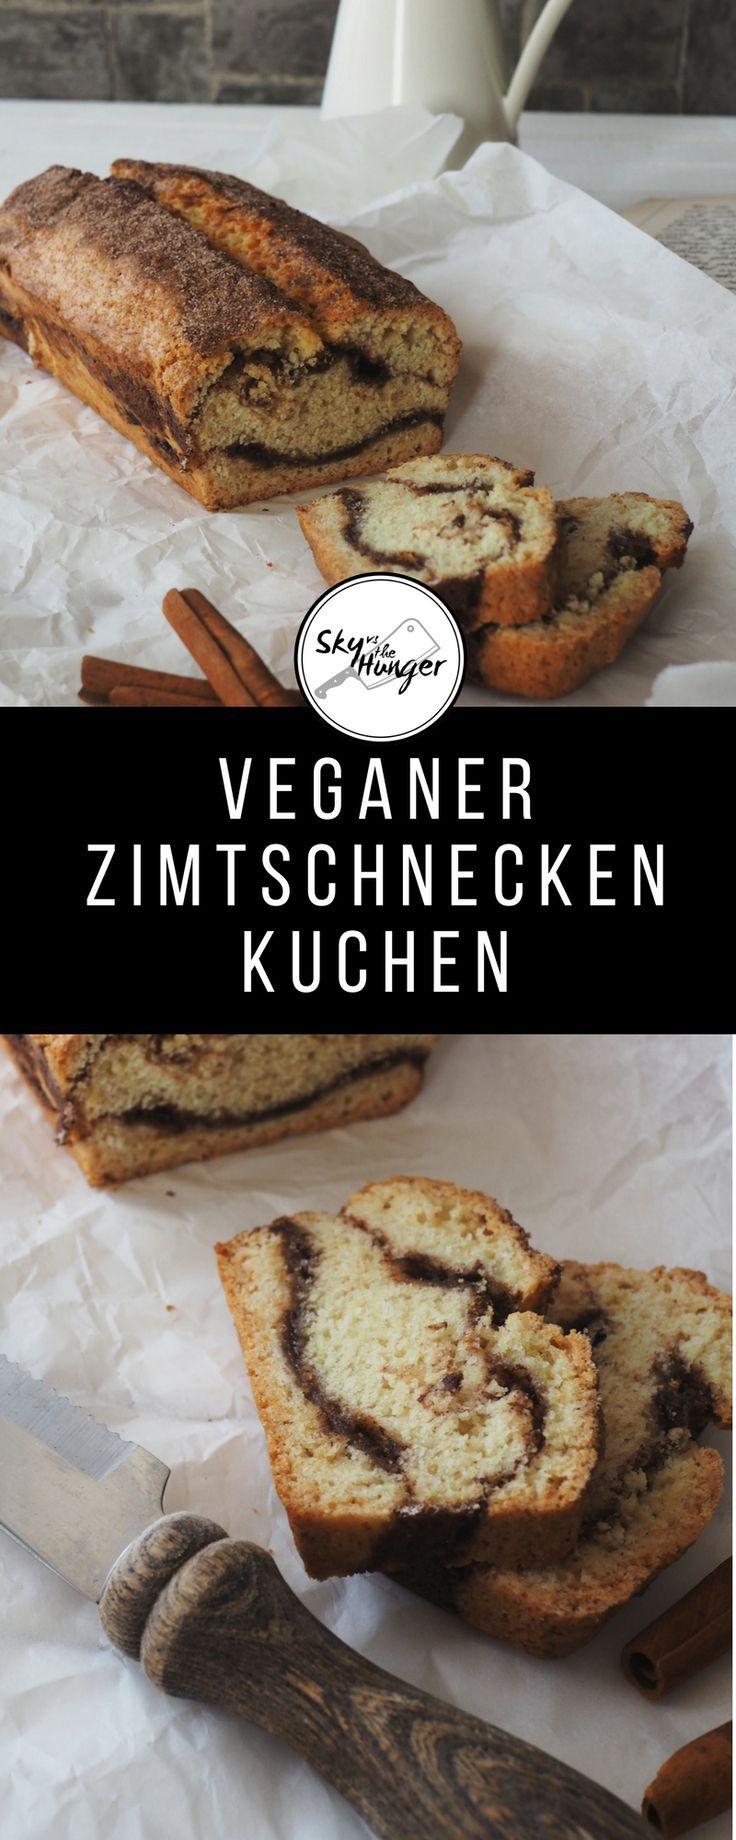 Veganer Zimtschnecken-Kuchen im Kastenformat - SKY VS THE HUNGER